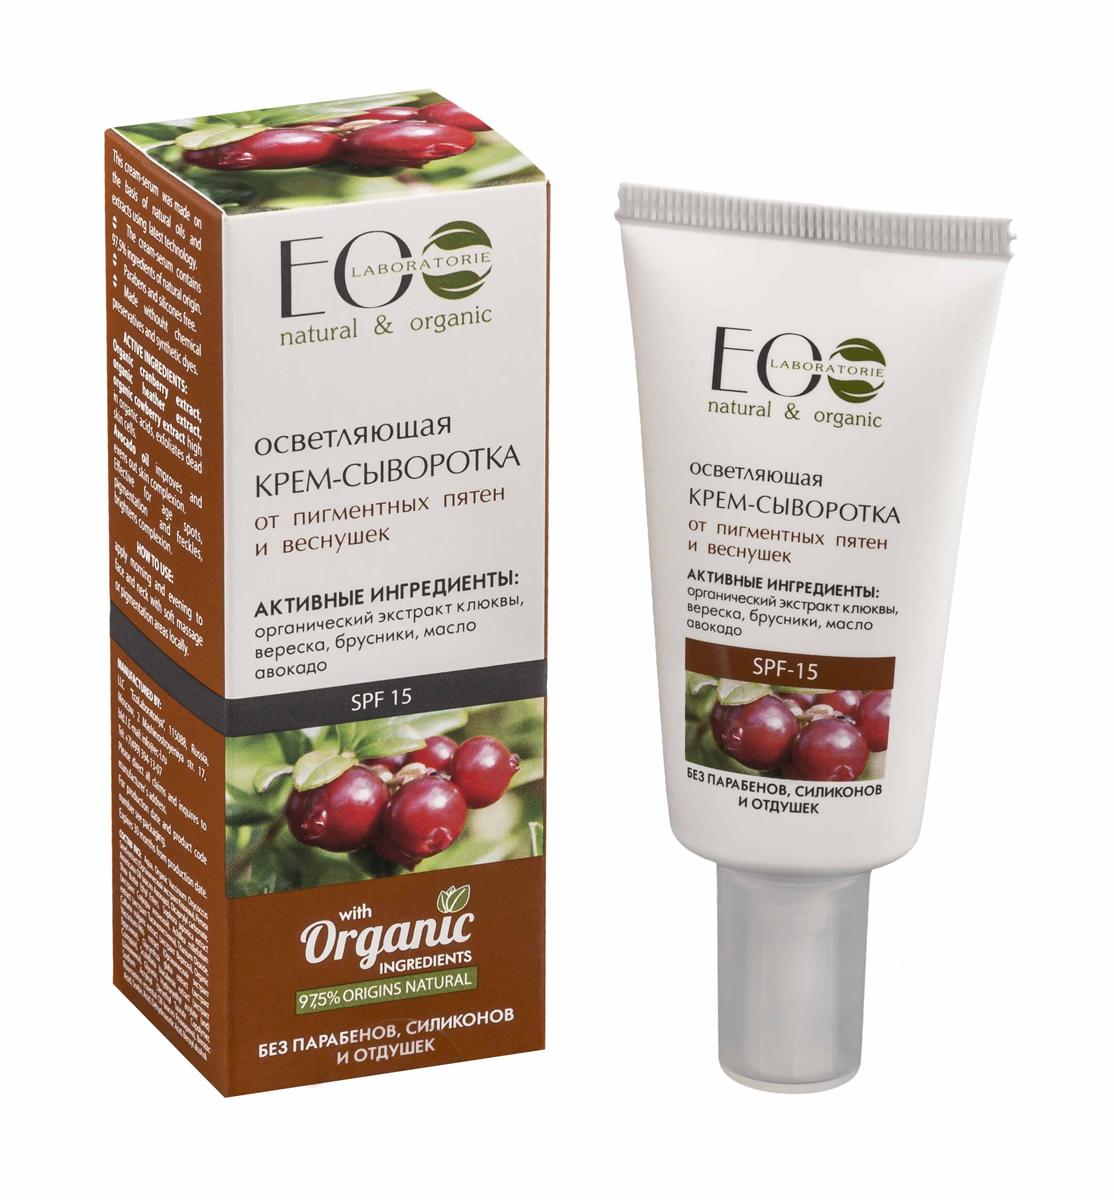 EcoLab ЭкоЛаб Крем для лица Осветляющий от пигментных пятен и веснушек 50 мл4627089431783Крем с натуральными осветляющими компонентами выравнивает тон, обеспечивает питание и увлажнение коже любого типа. Эффективен против возрастных пигментных пятен, при нарушениях пигментации и веснушках. Активные ингредиенты: органические экстракты клюквы, вереска, брусники, масло авокадо.